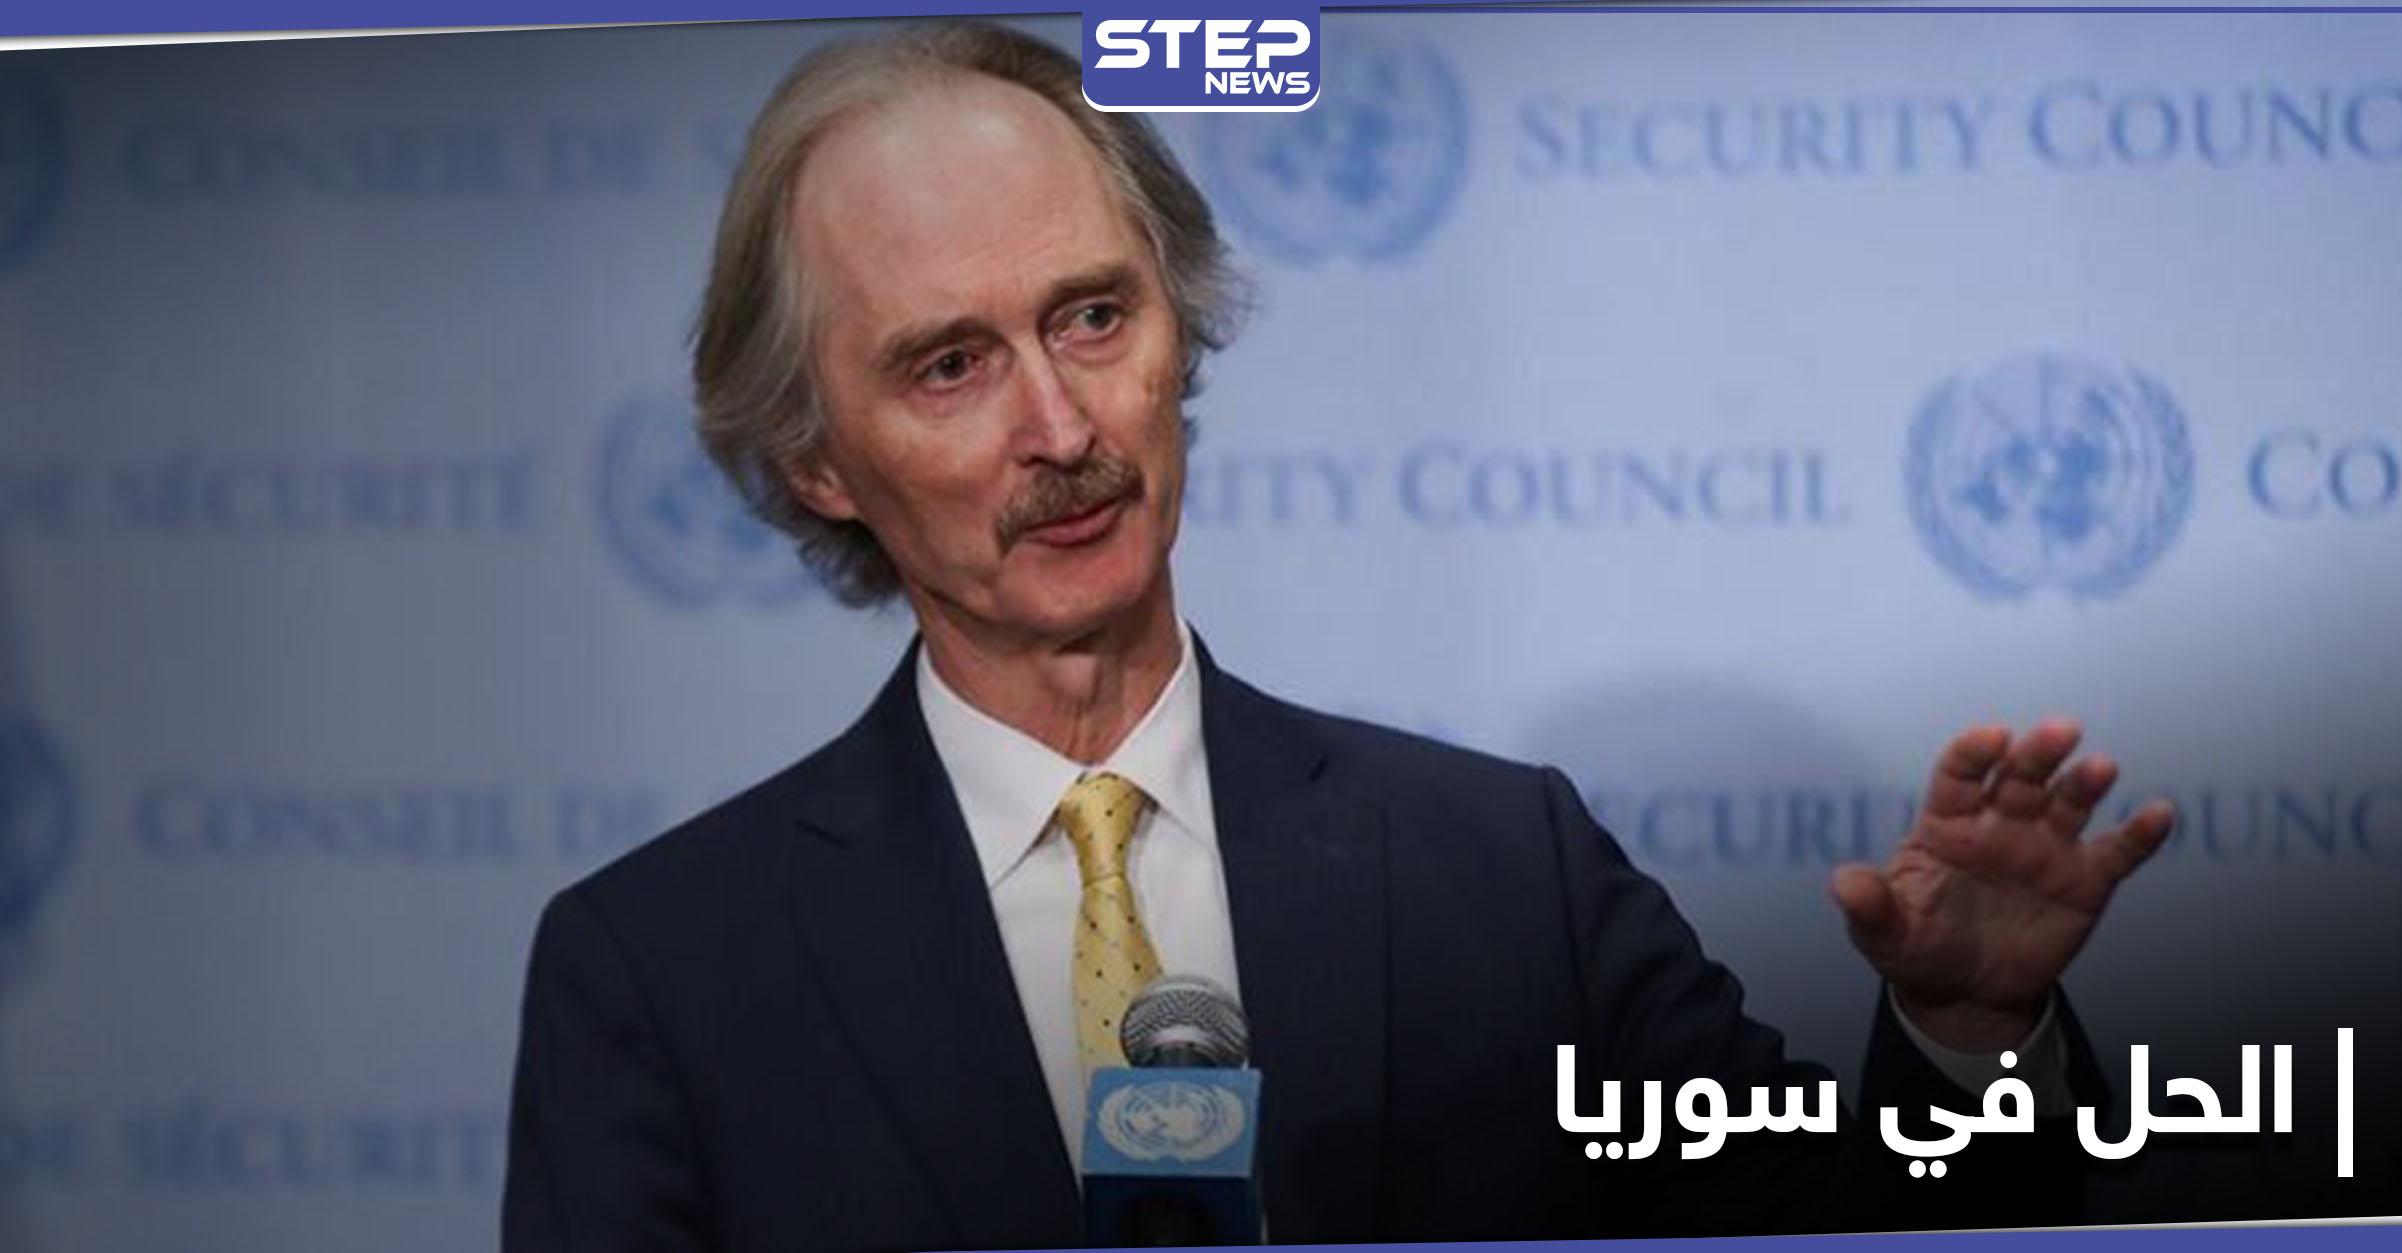 الحل في سوريا لا يمكن أن يتم عبر إصلاح دستوري فقط